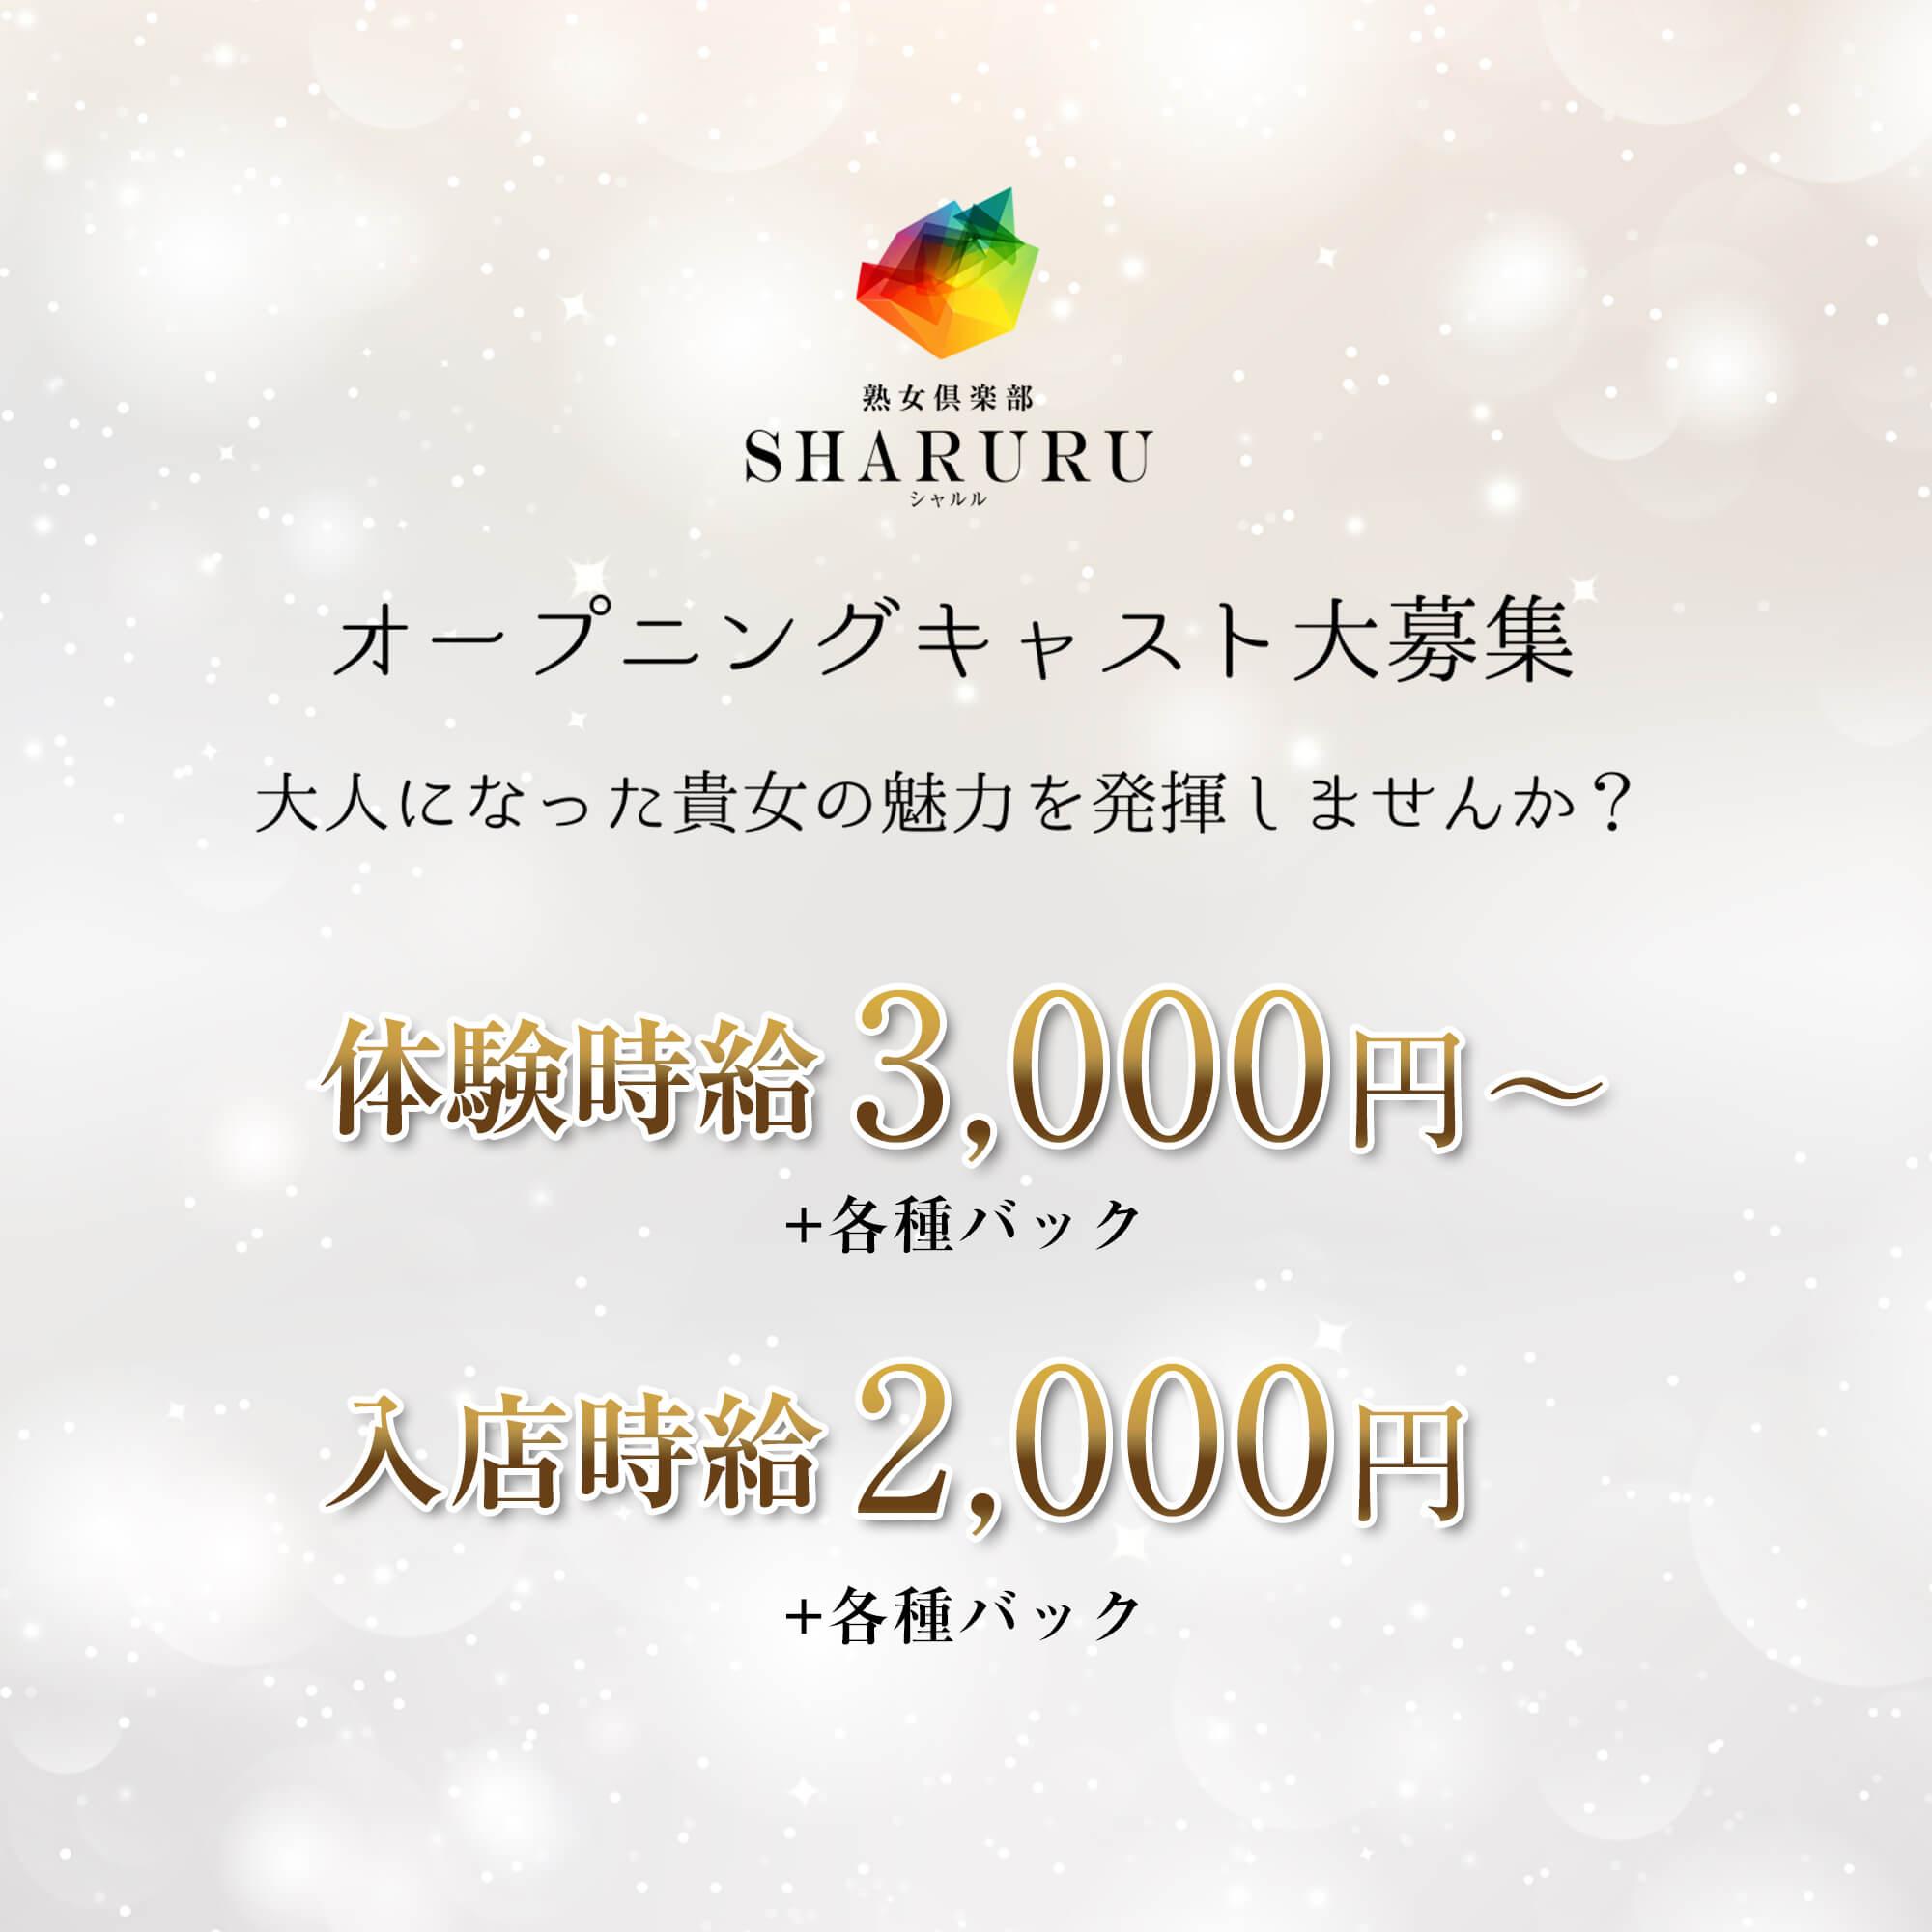 本庄の熟女パブ・スナック「SHARURU シャルル」ニュース